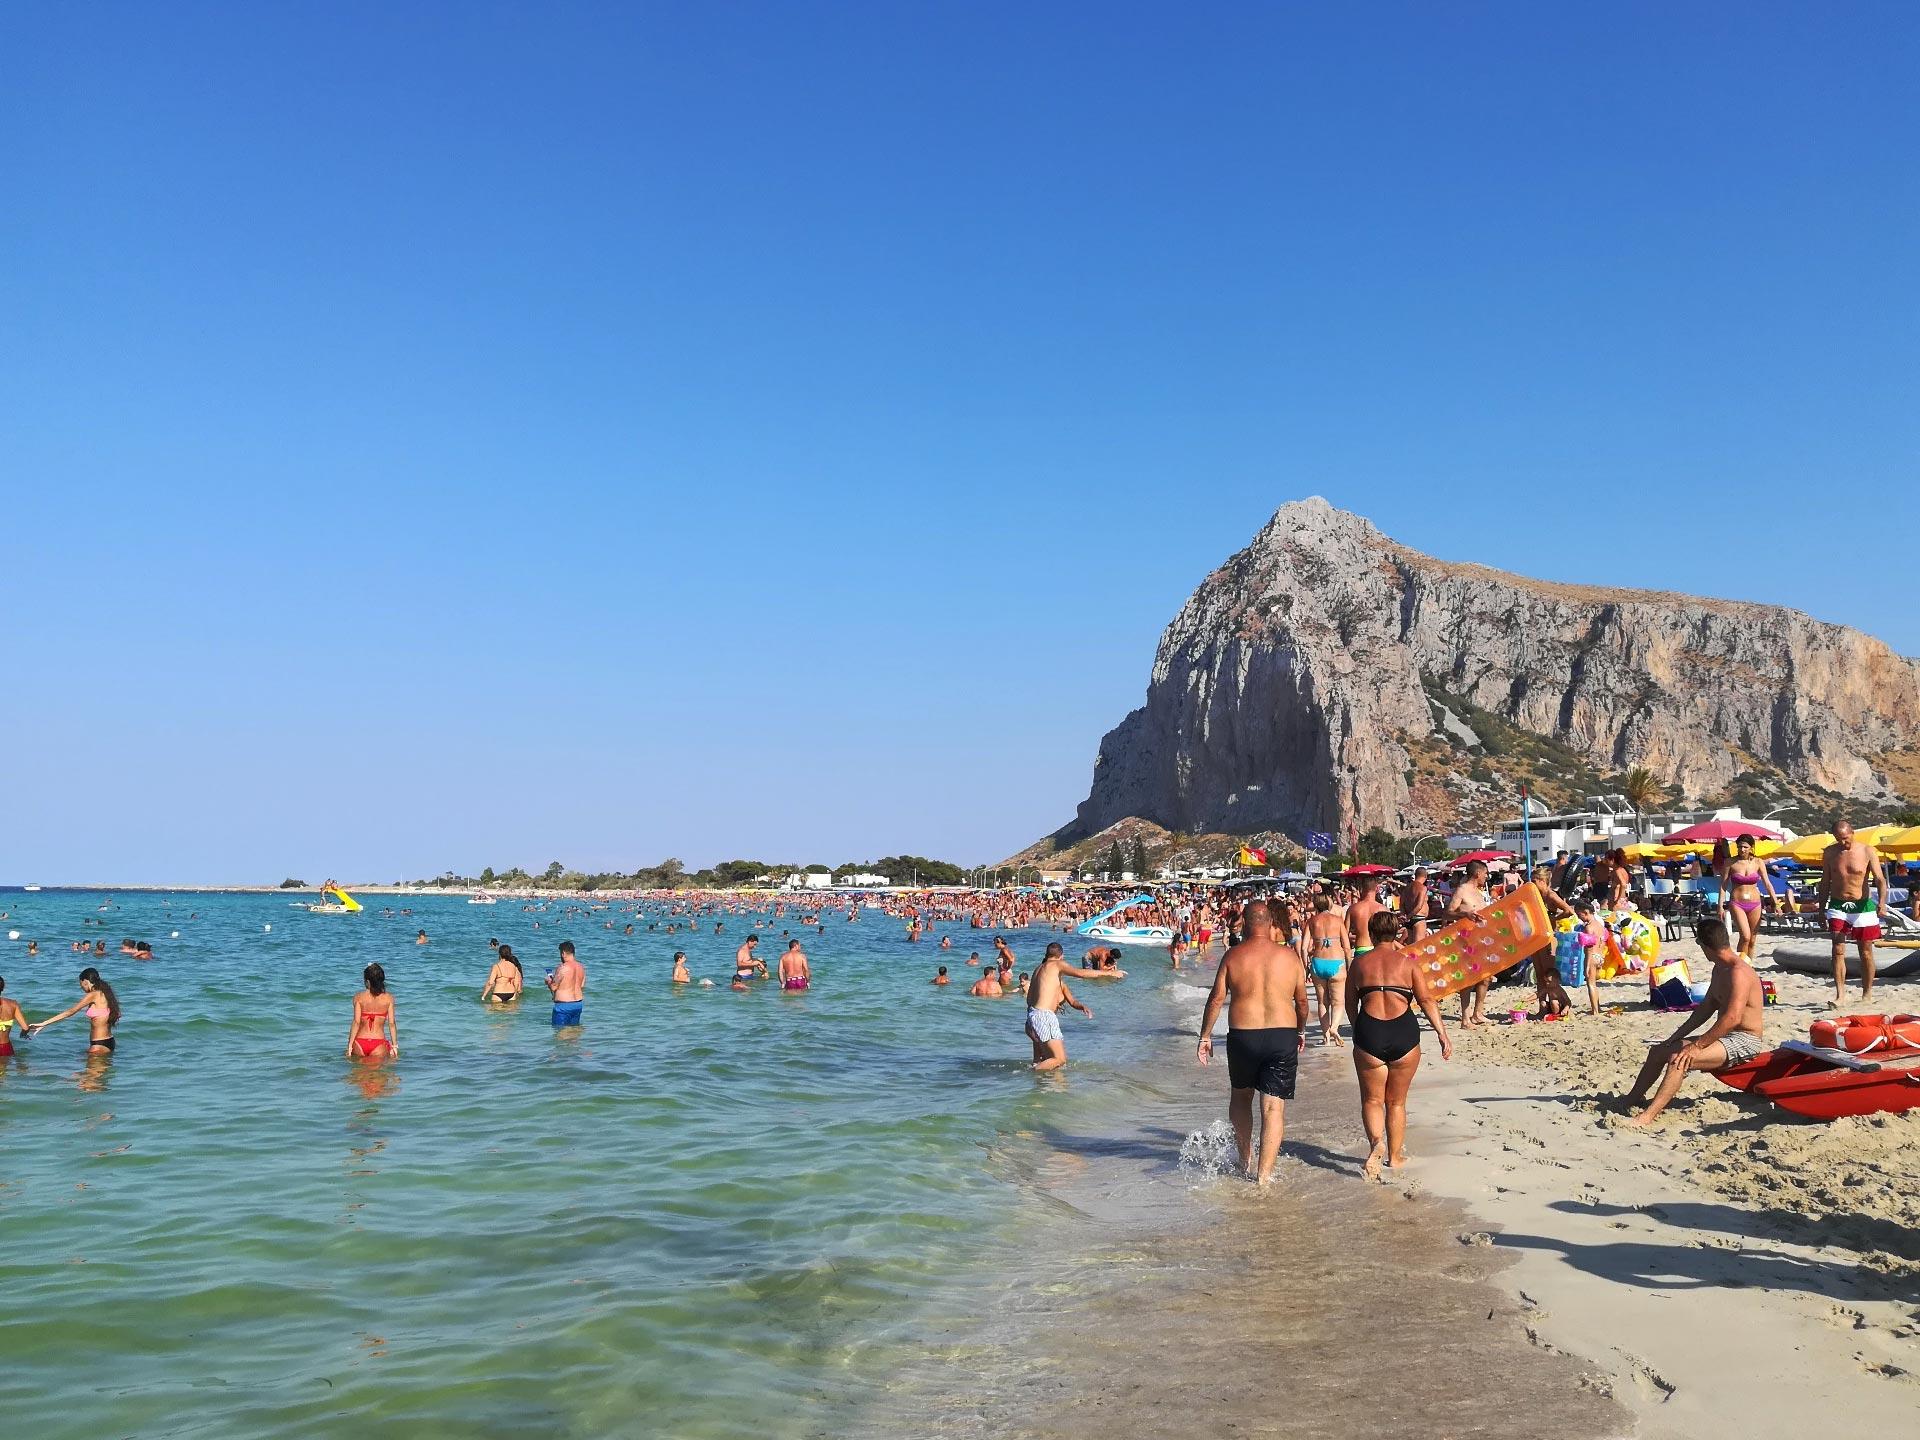 la spiaggia di San Vito Lo Capo, sullo sfondo il Monte Monaco, Trapani, Sicilia